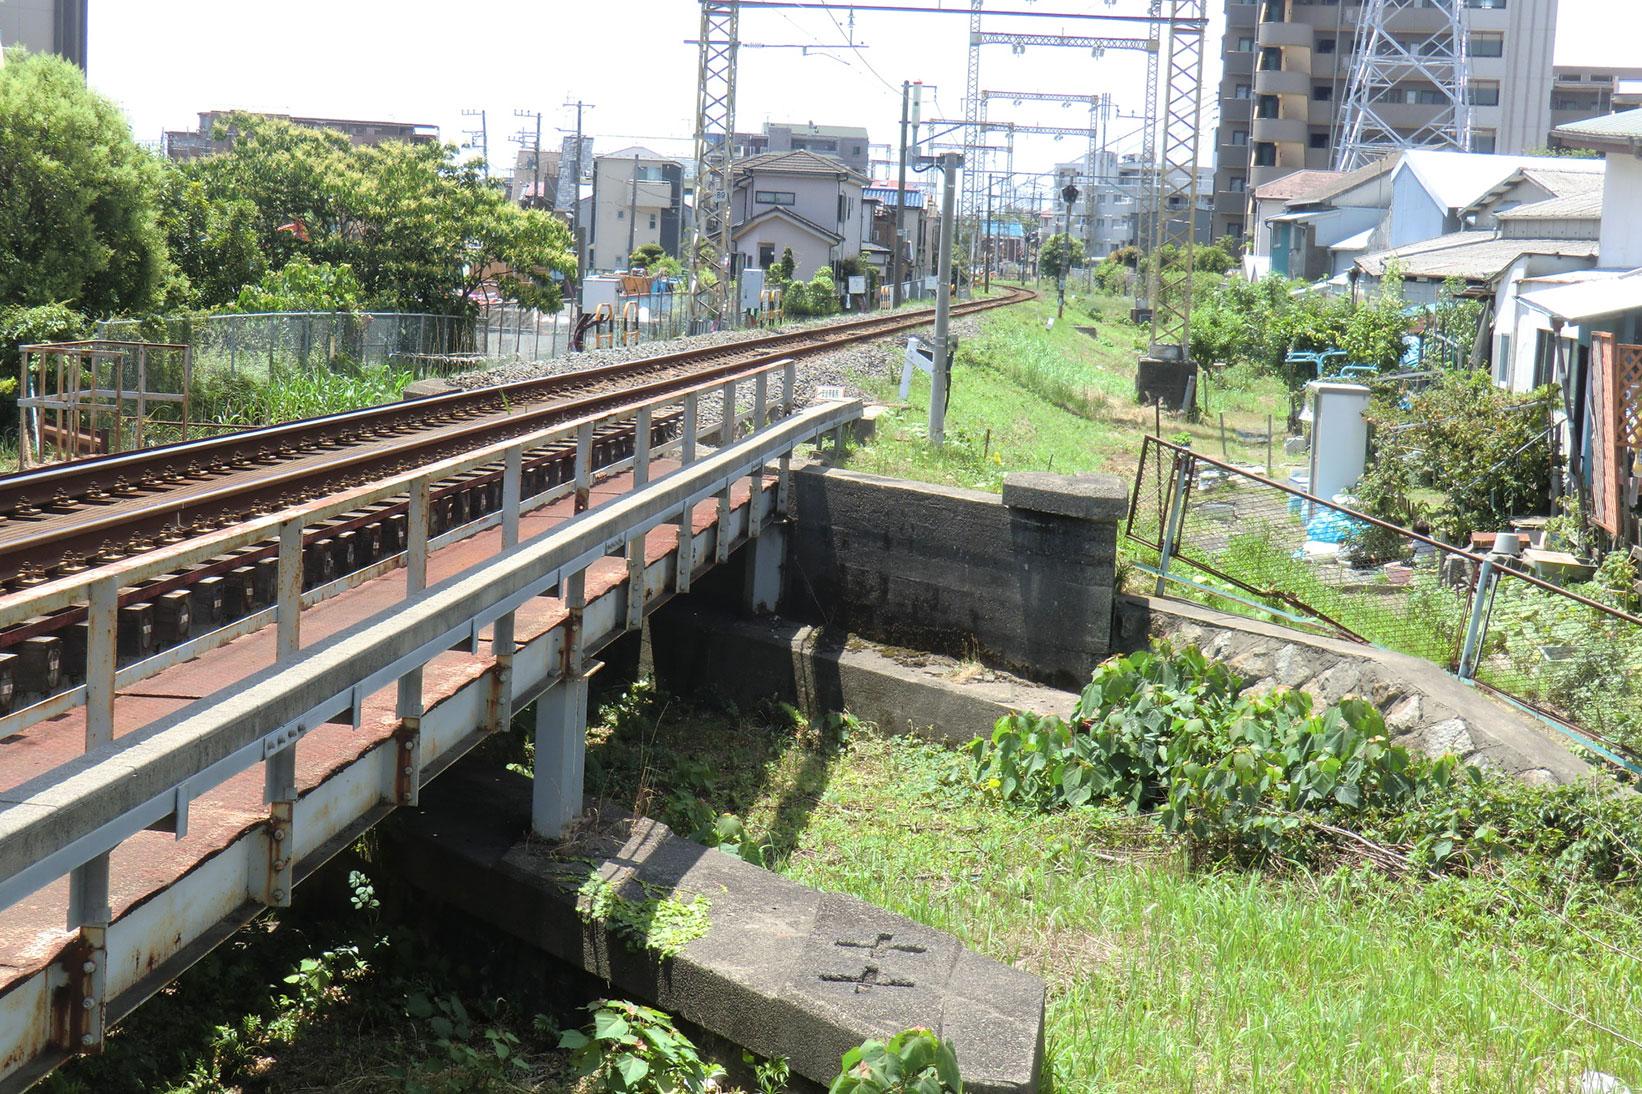 水路に架かる橋。複線分が敷設できる構造になっています。